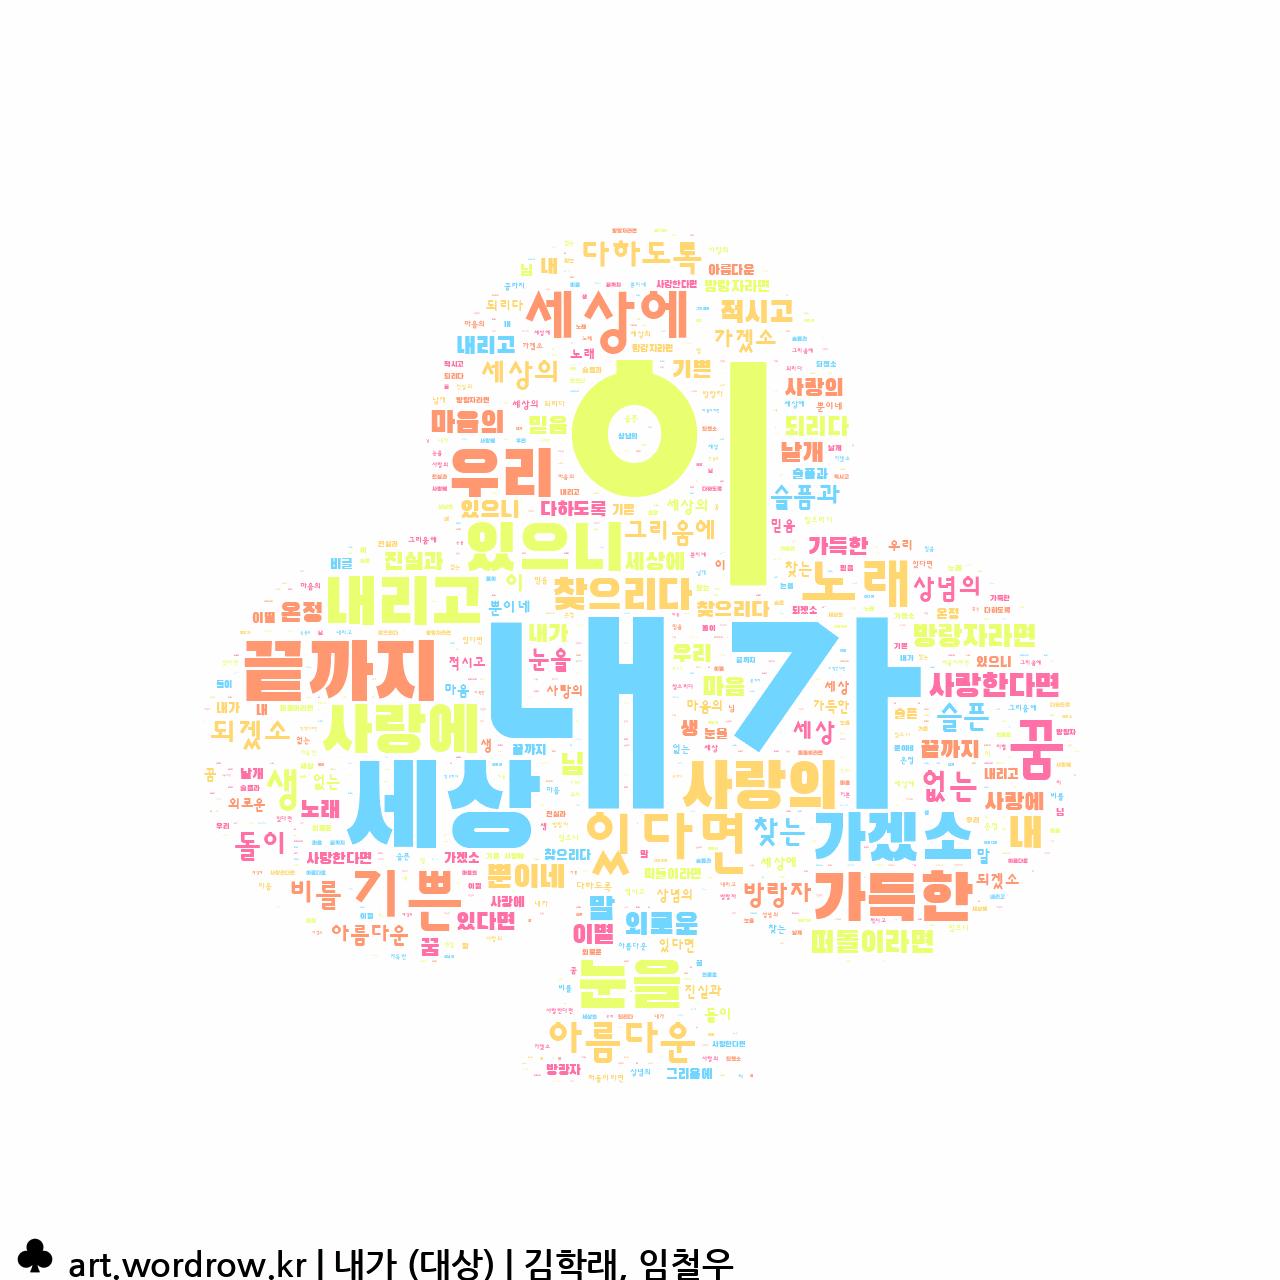 워드 아트: 내가 (대상) [김학래, 임철우]-4